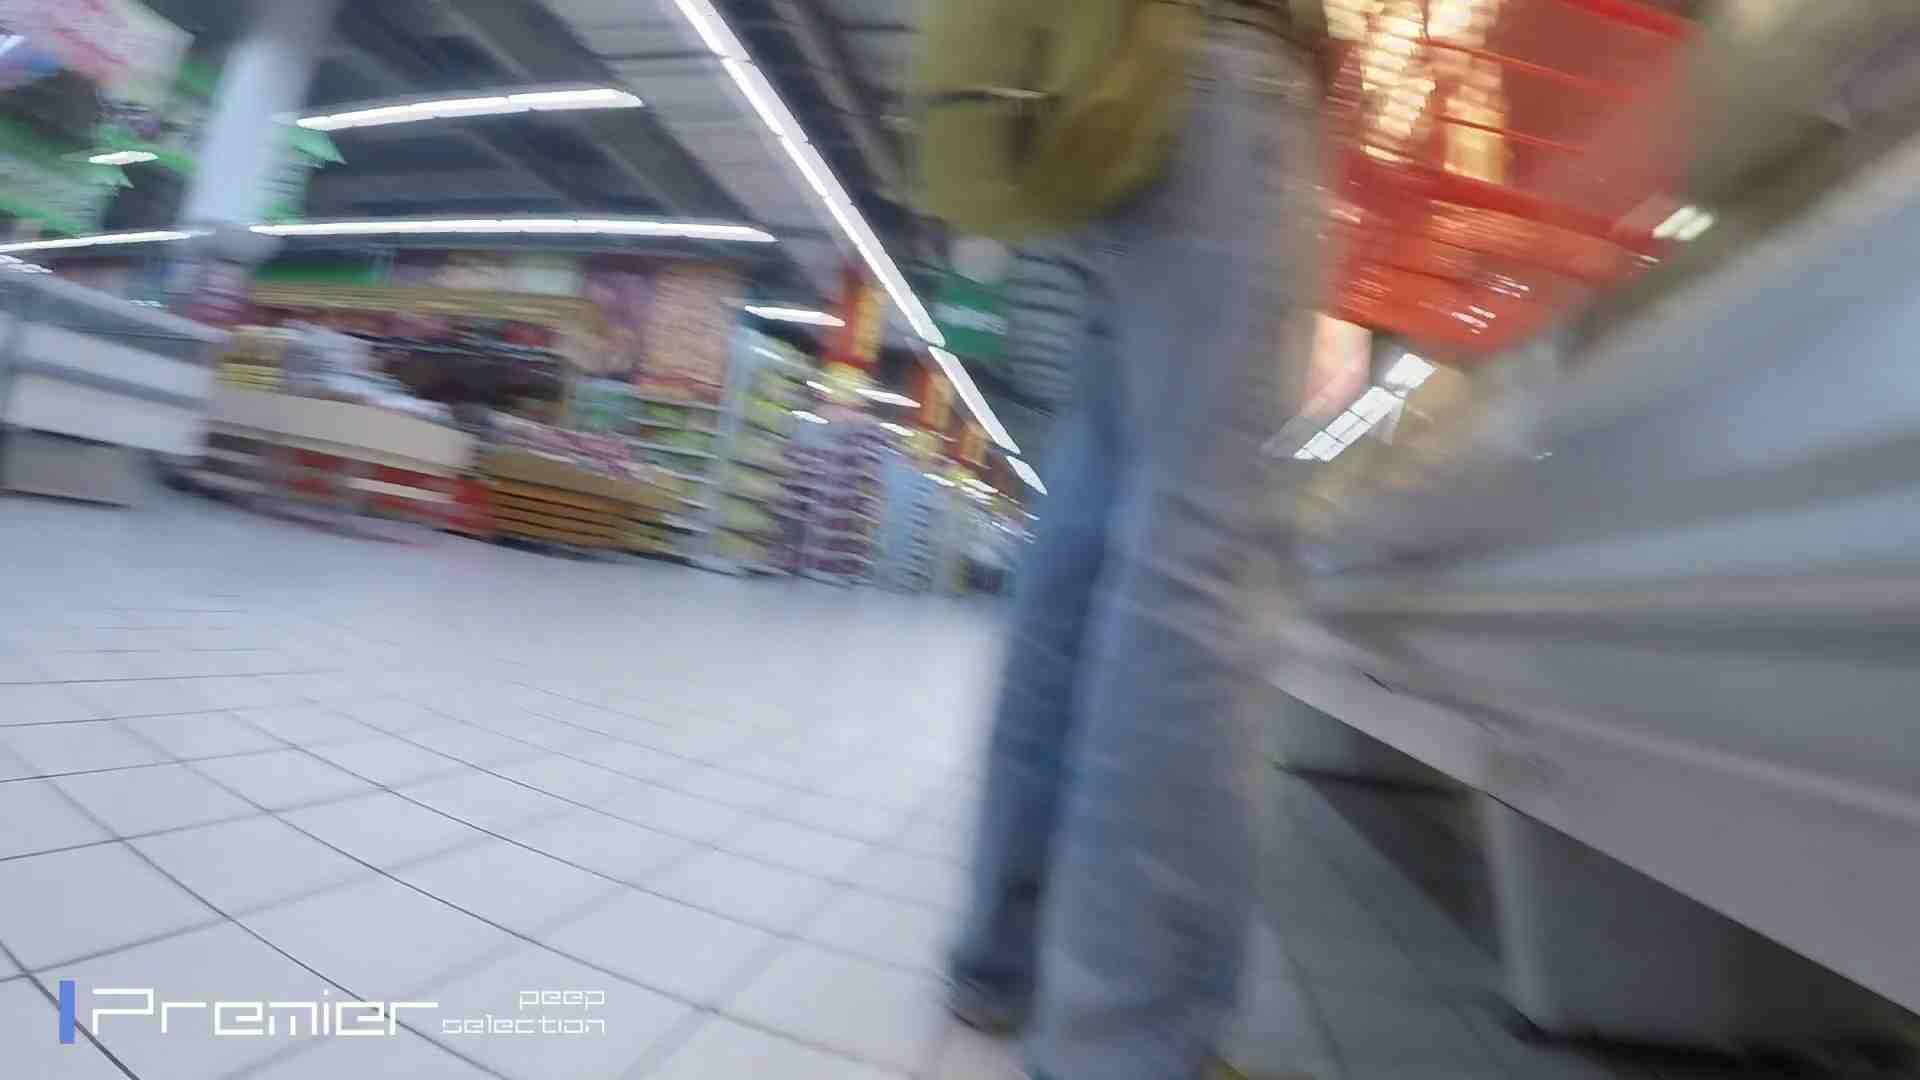 白ミニワンピから覗むピンクの華 美女の下半身を粘着撮り! Vol.01 細身女性 AV動画キャプチャ 59画像 32